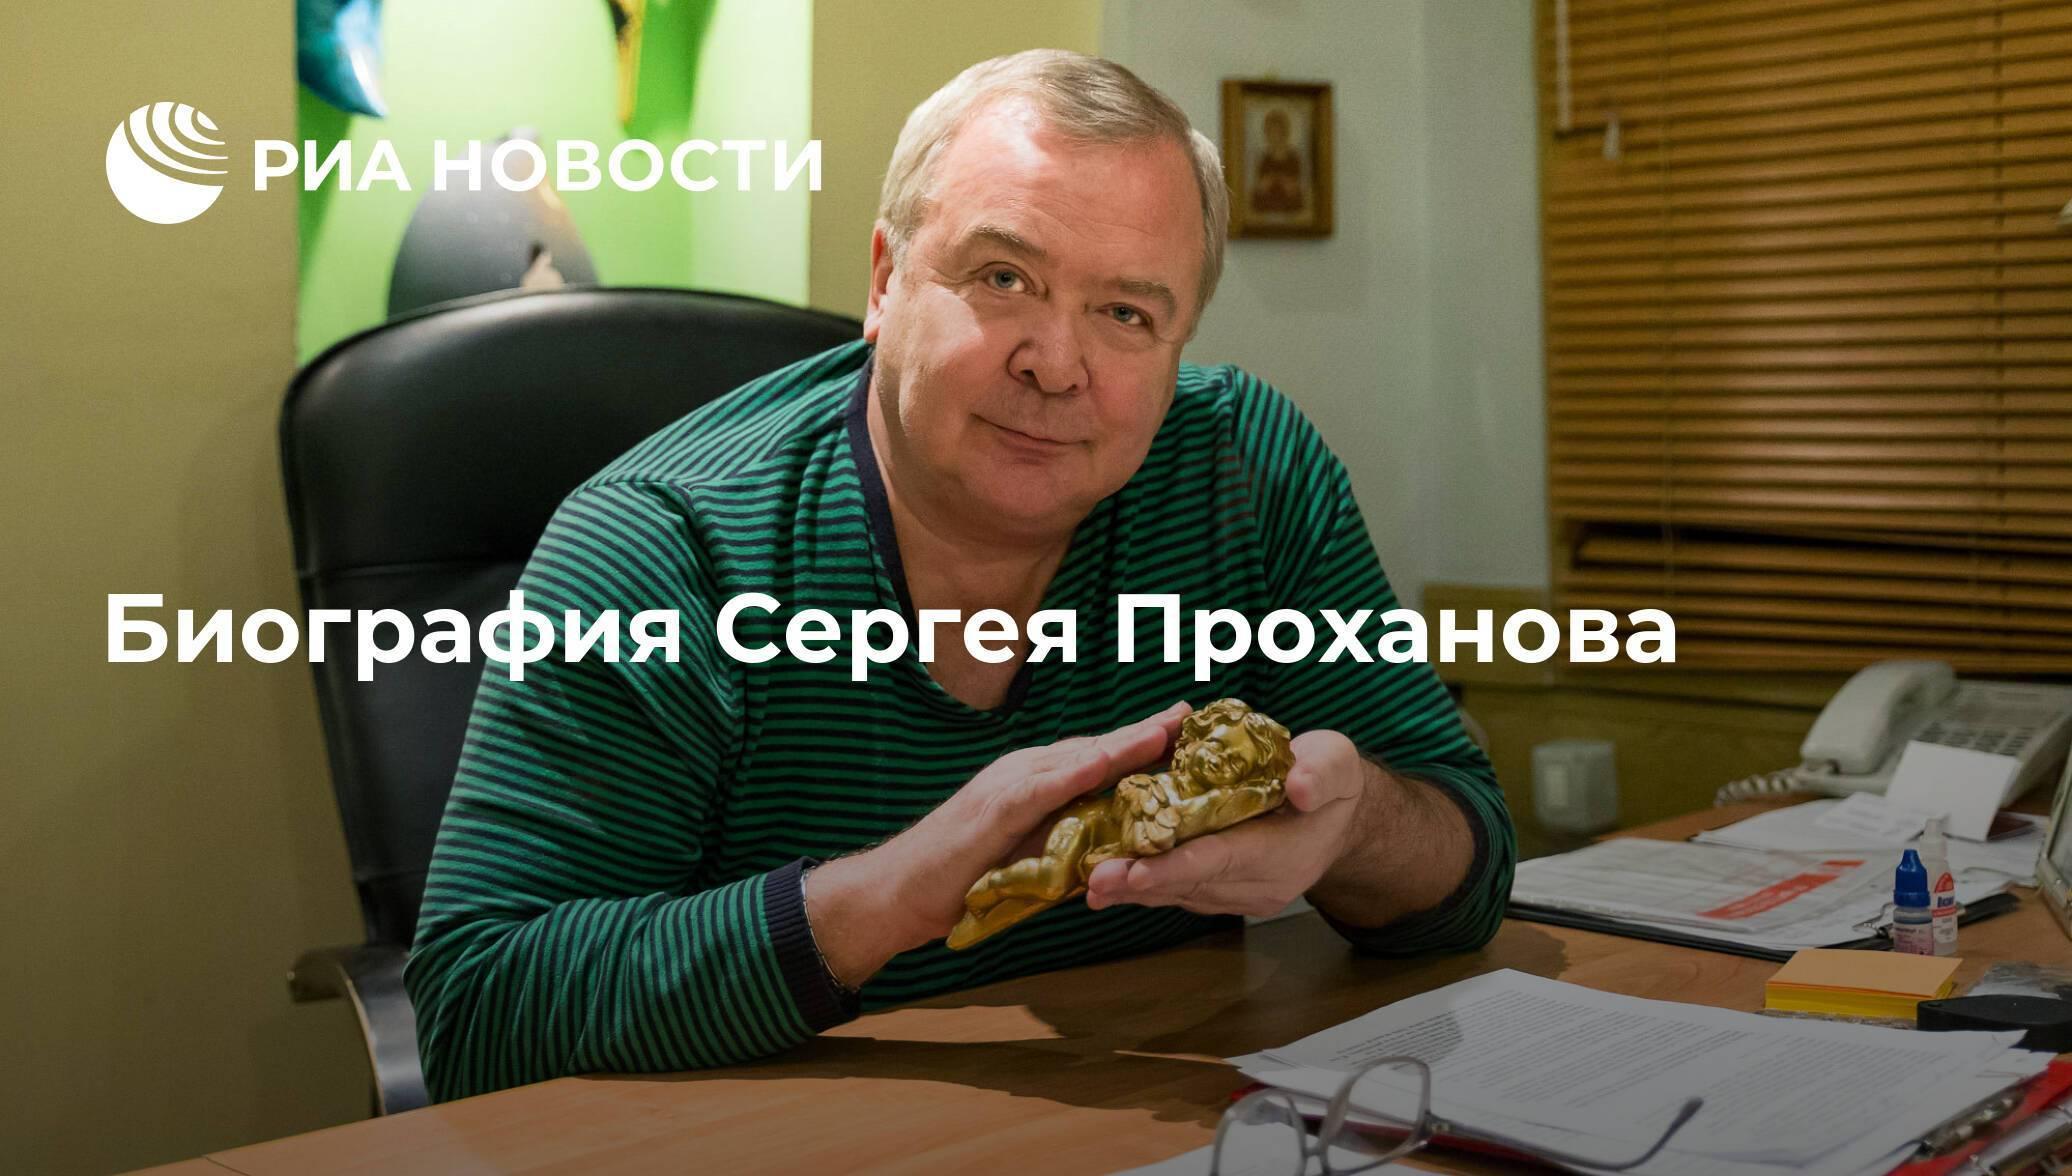 Сергей проханов – биография, фото, личная жизнь, новости, фильмография 2020